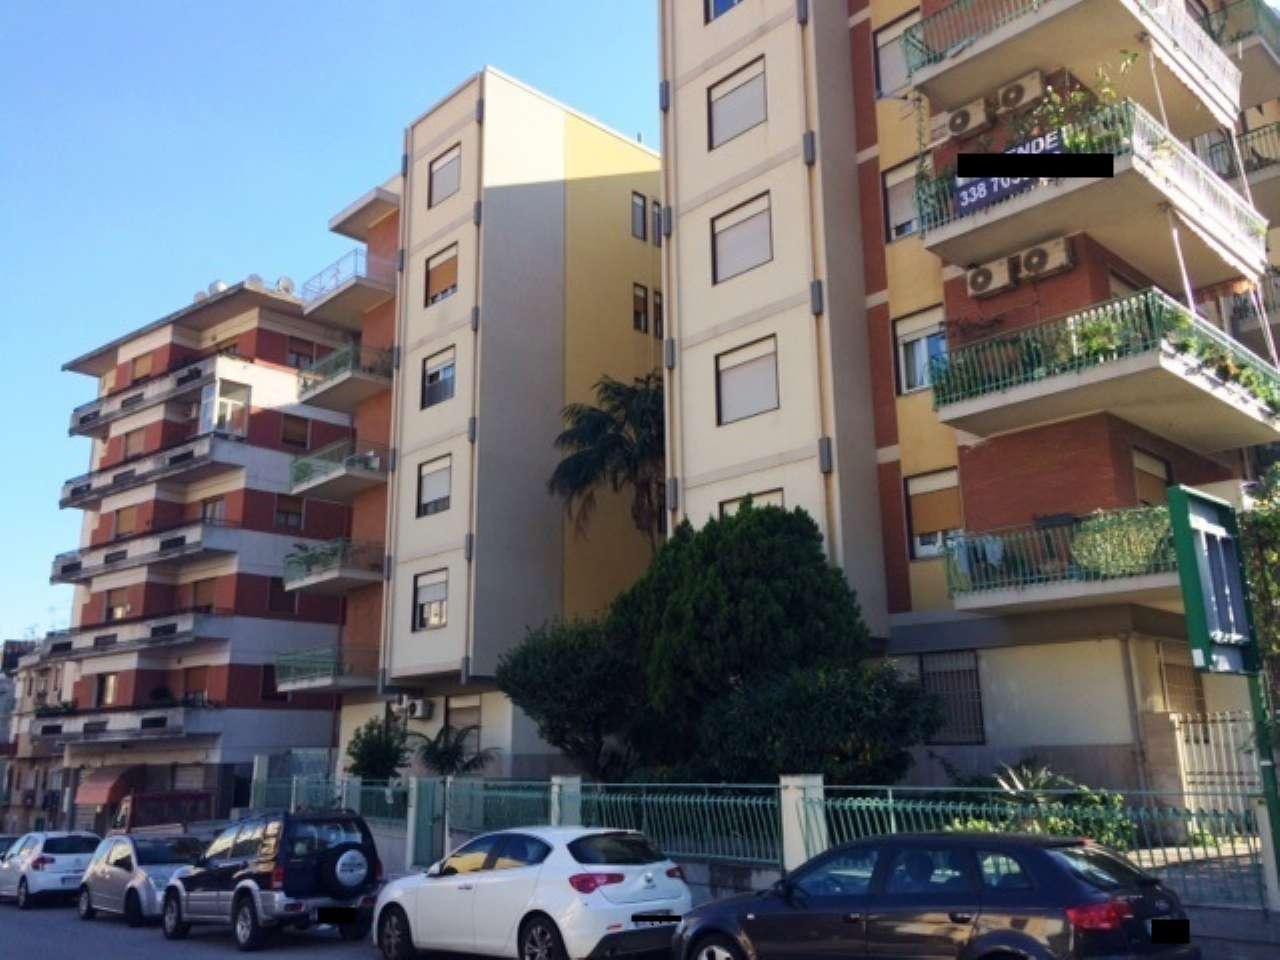 Appartamento in affitto a Messina, 5 locali, prezzo € 600 | CambioCasa.it